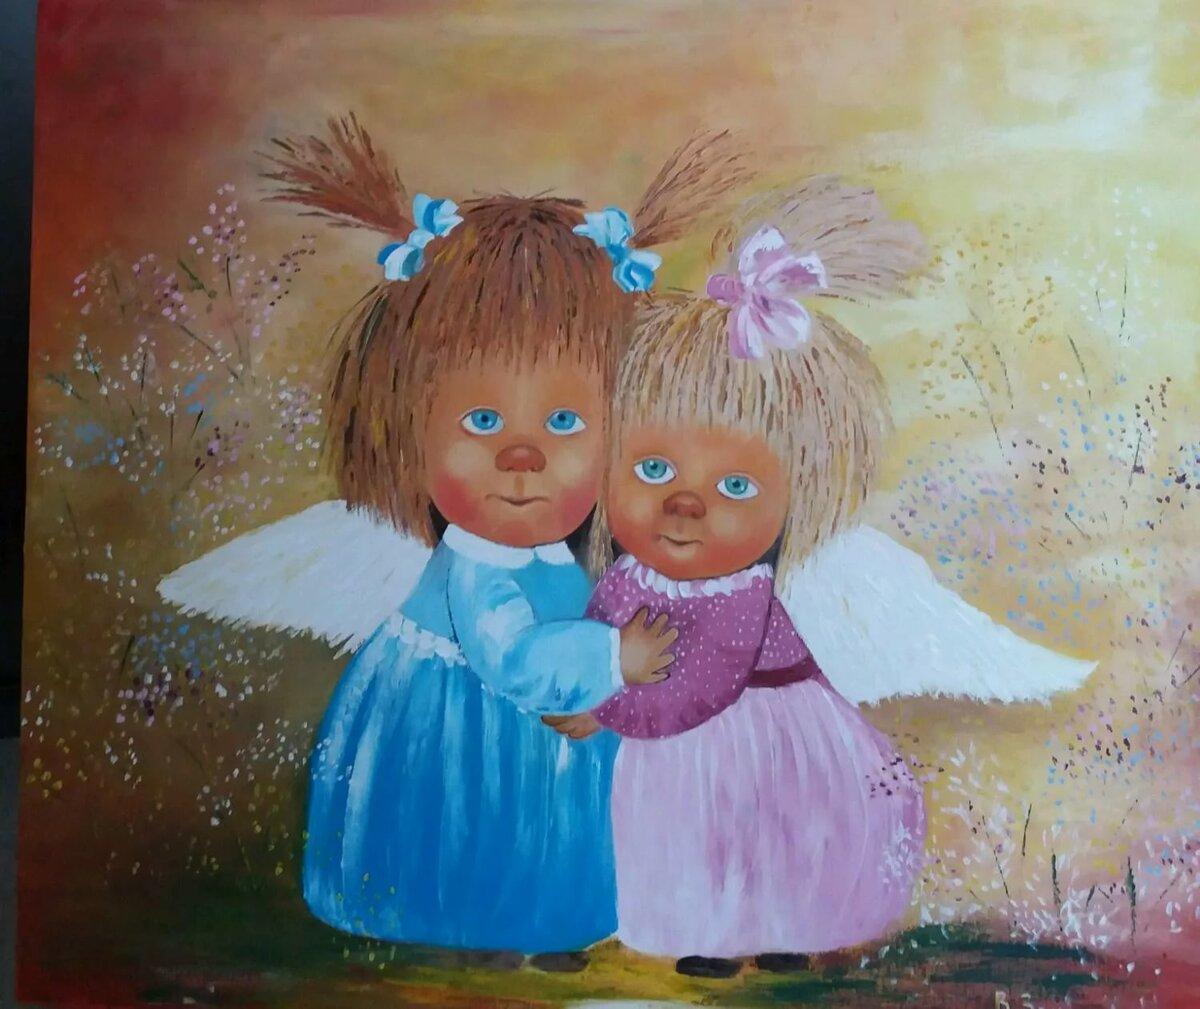 Рисунки смешных ангелочков, сохранить анимационную картинку